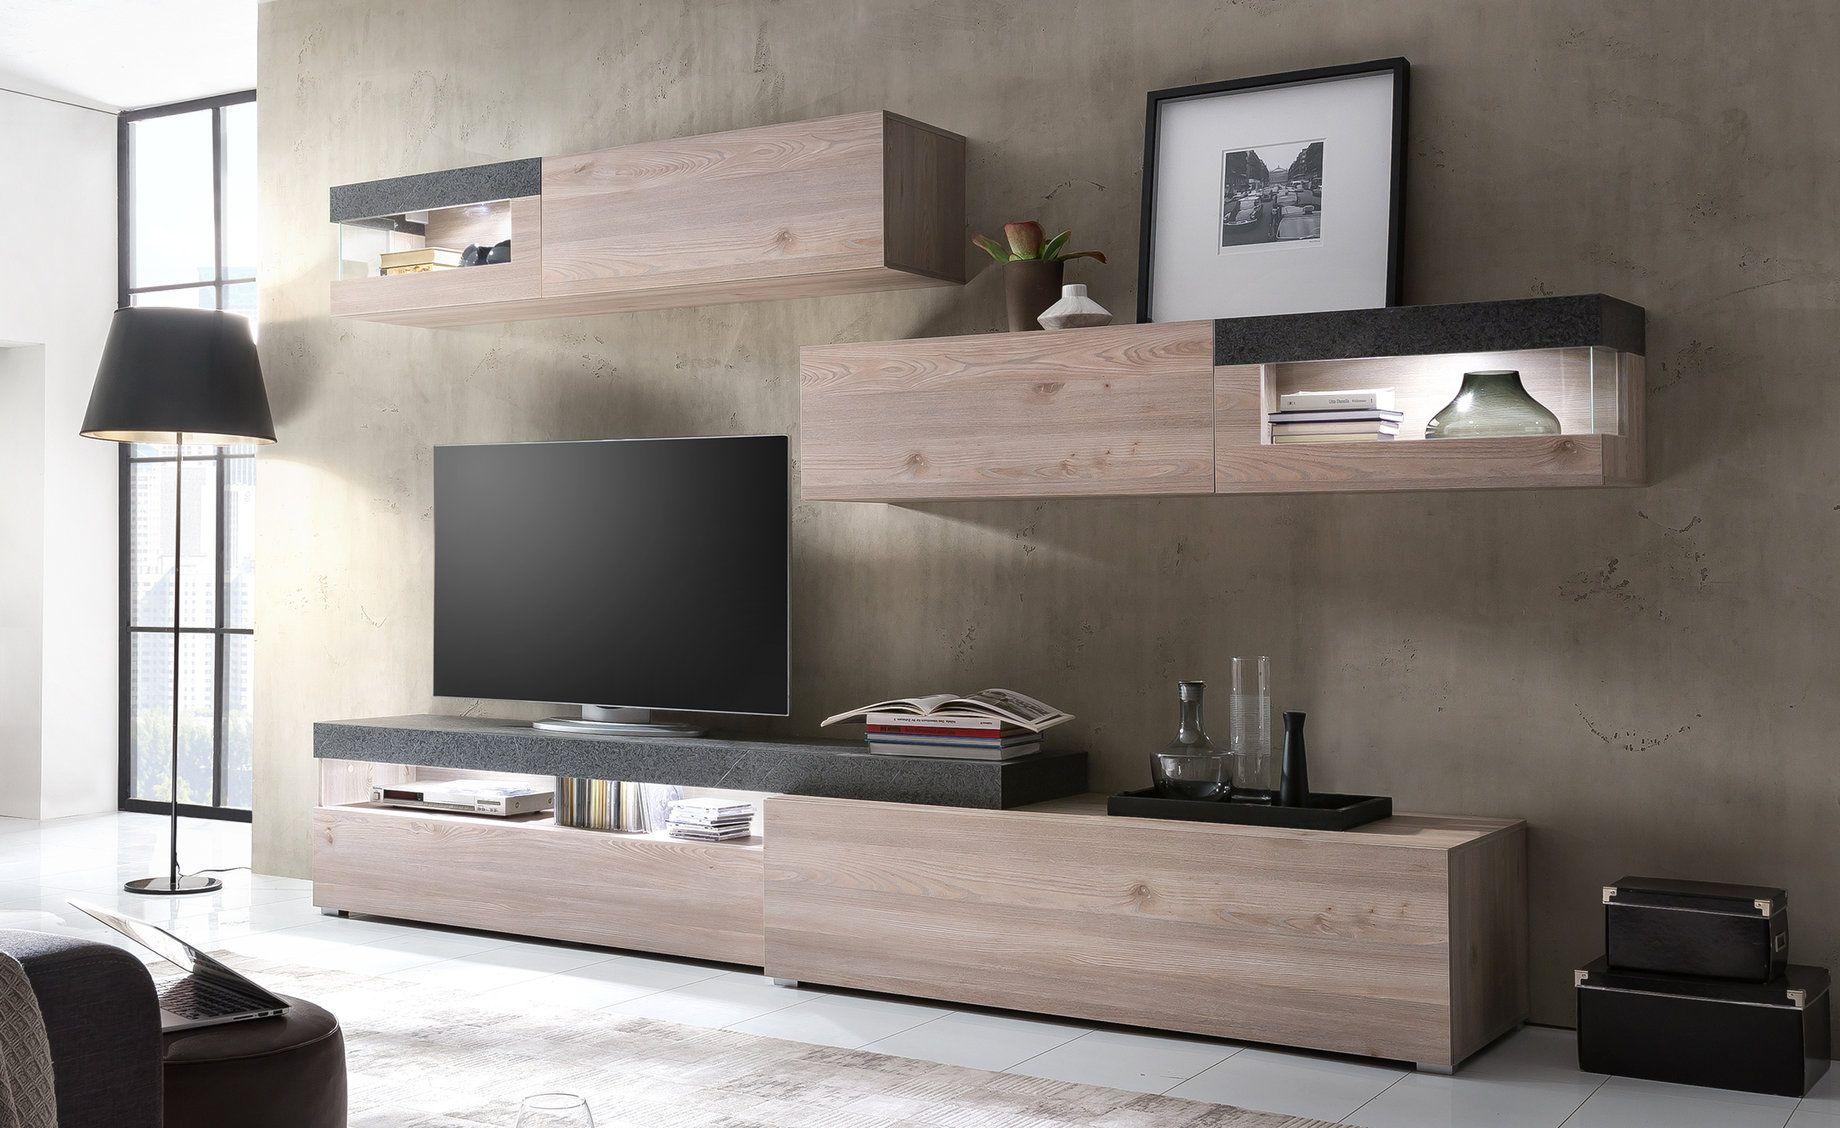 Caratteristiche stile moderno materiale struttura pannello melaminico colore struttura olmo - Conforama mobili ...